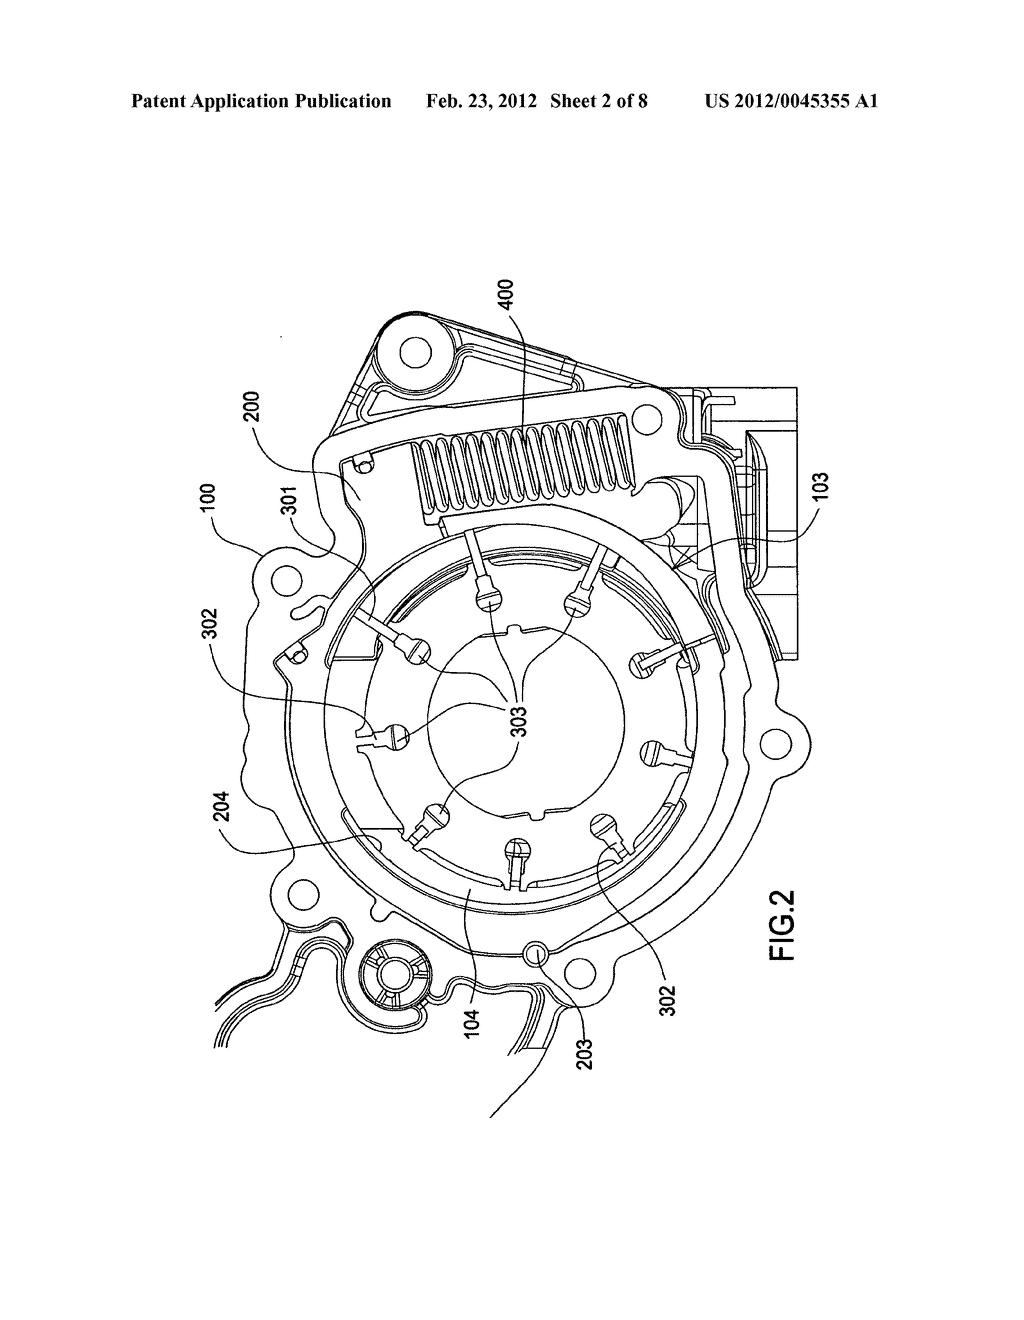 Honda Atv Engine Diagram Problems And Solutions